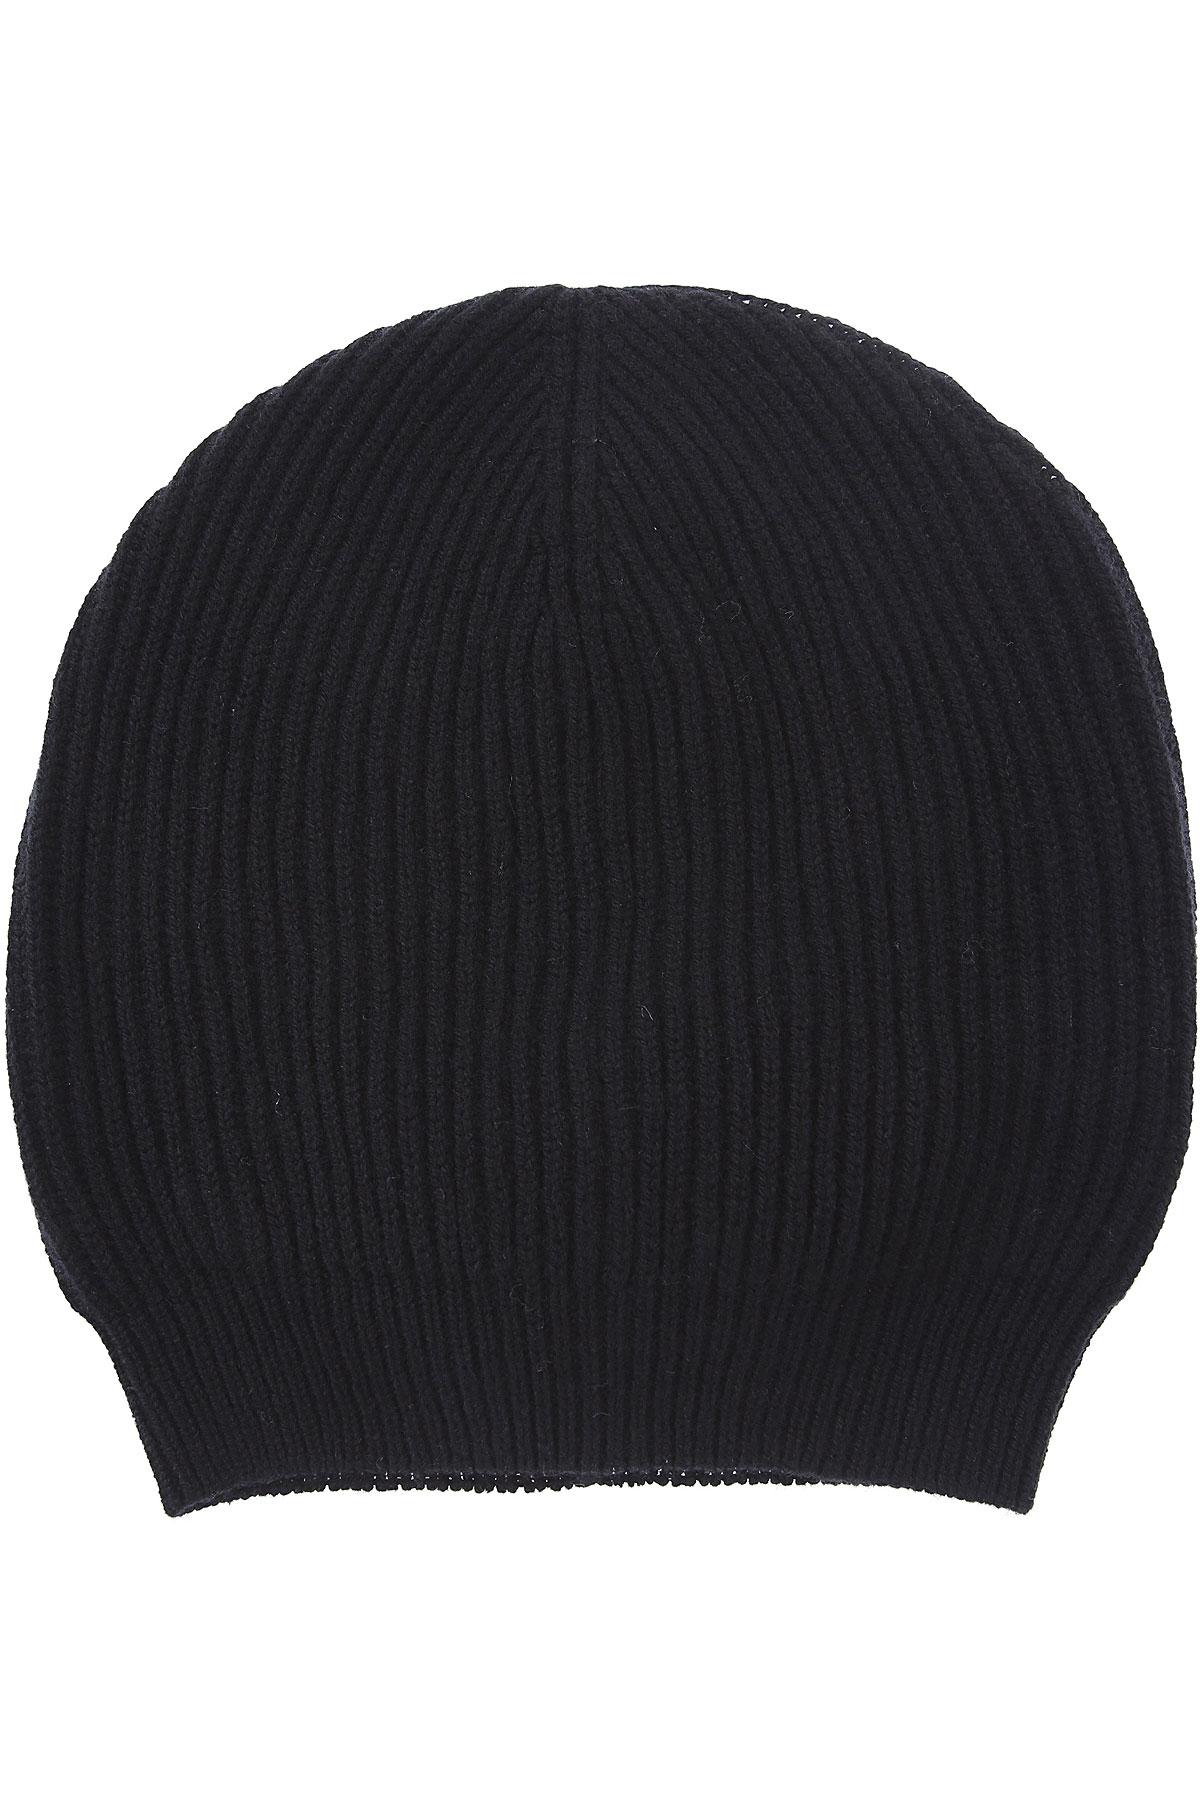 Fabiana Filippi Hat for Women On Sale, Black, Wool, 2019